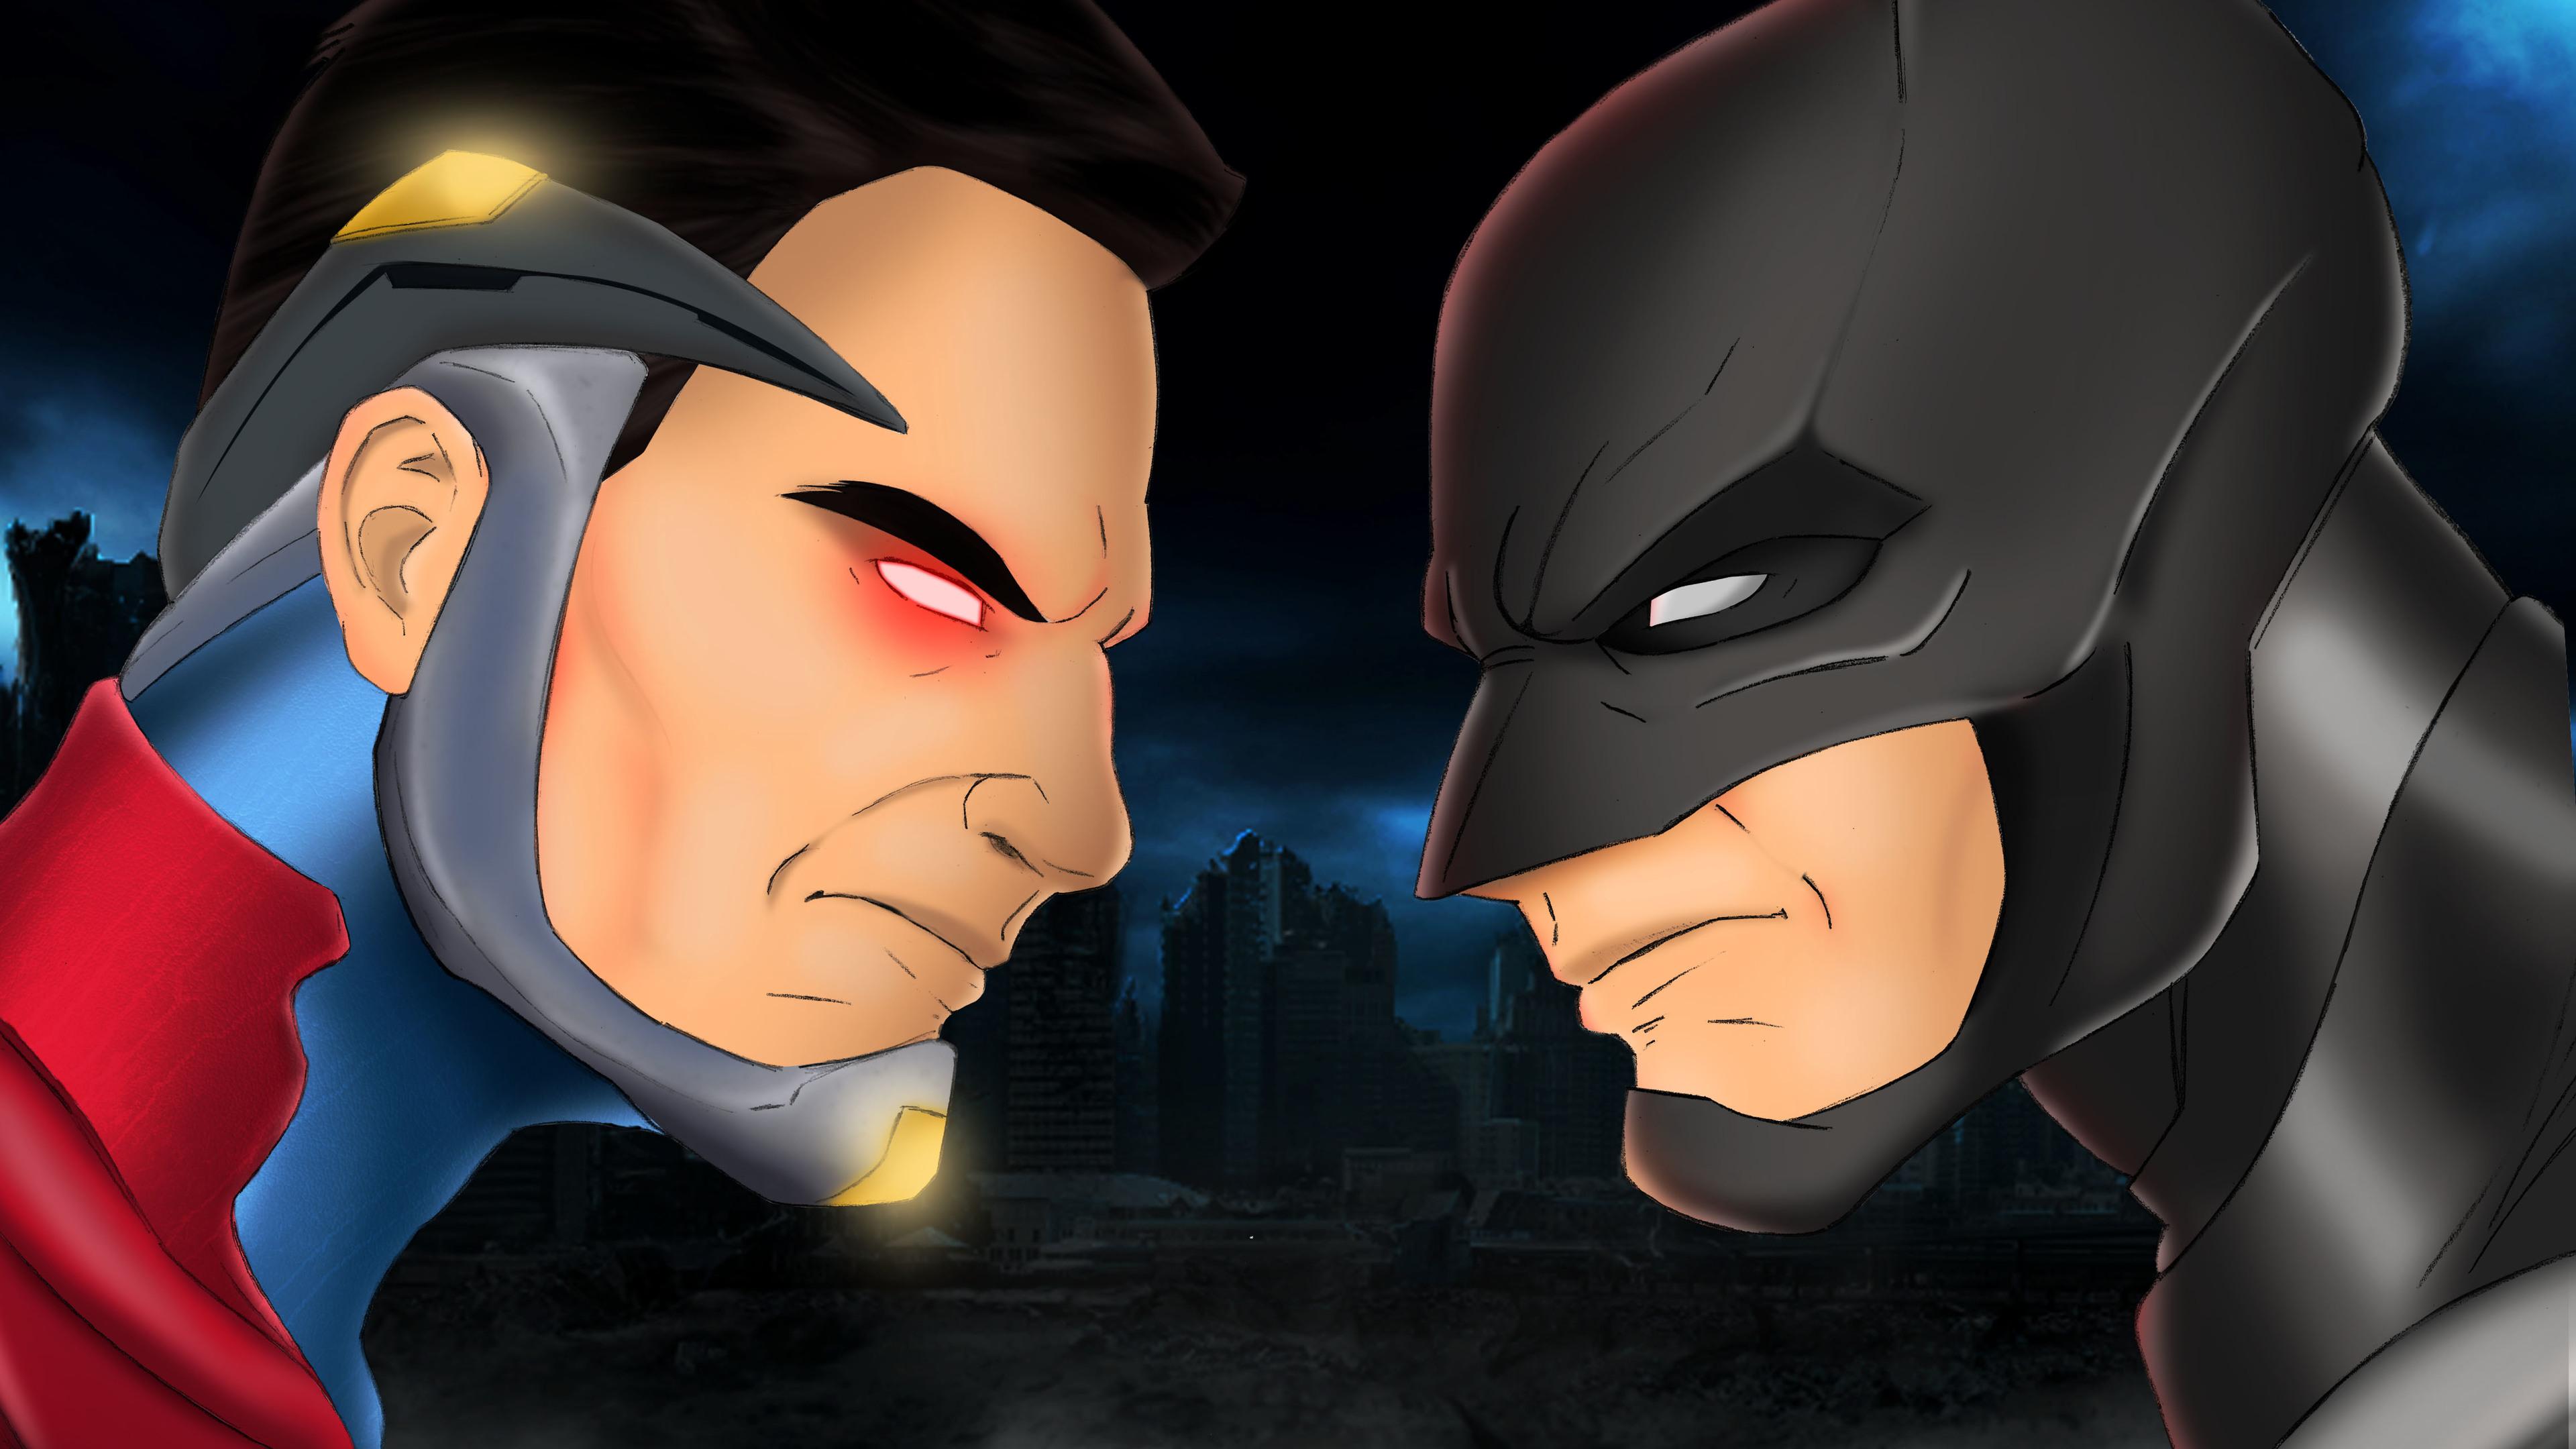 injustice 2 superman vs batman art 1536524130 - Injustice 2 Superman Vs Batman Art - superman wallpapers, superheroes wallpapers, injustice 2 wallpapers, hd-wallpapers, digital art wallpapers, deviantart wallpapers, batman wallpapers, artwork wallpapers, 4k-wallpapers